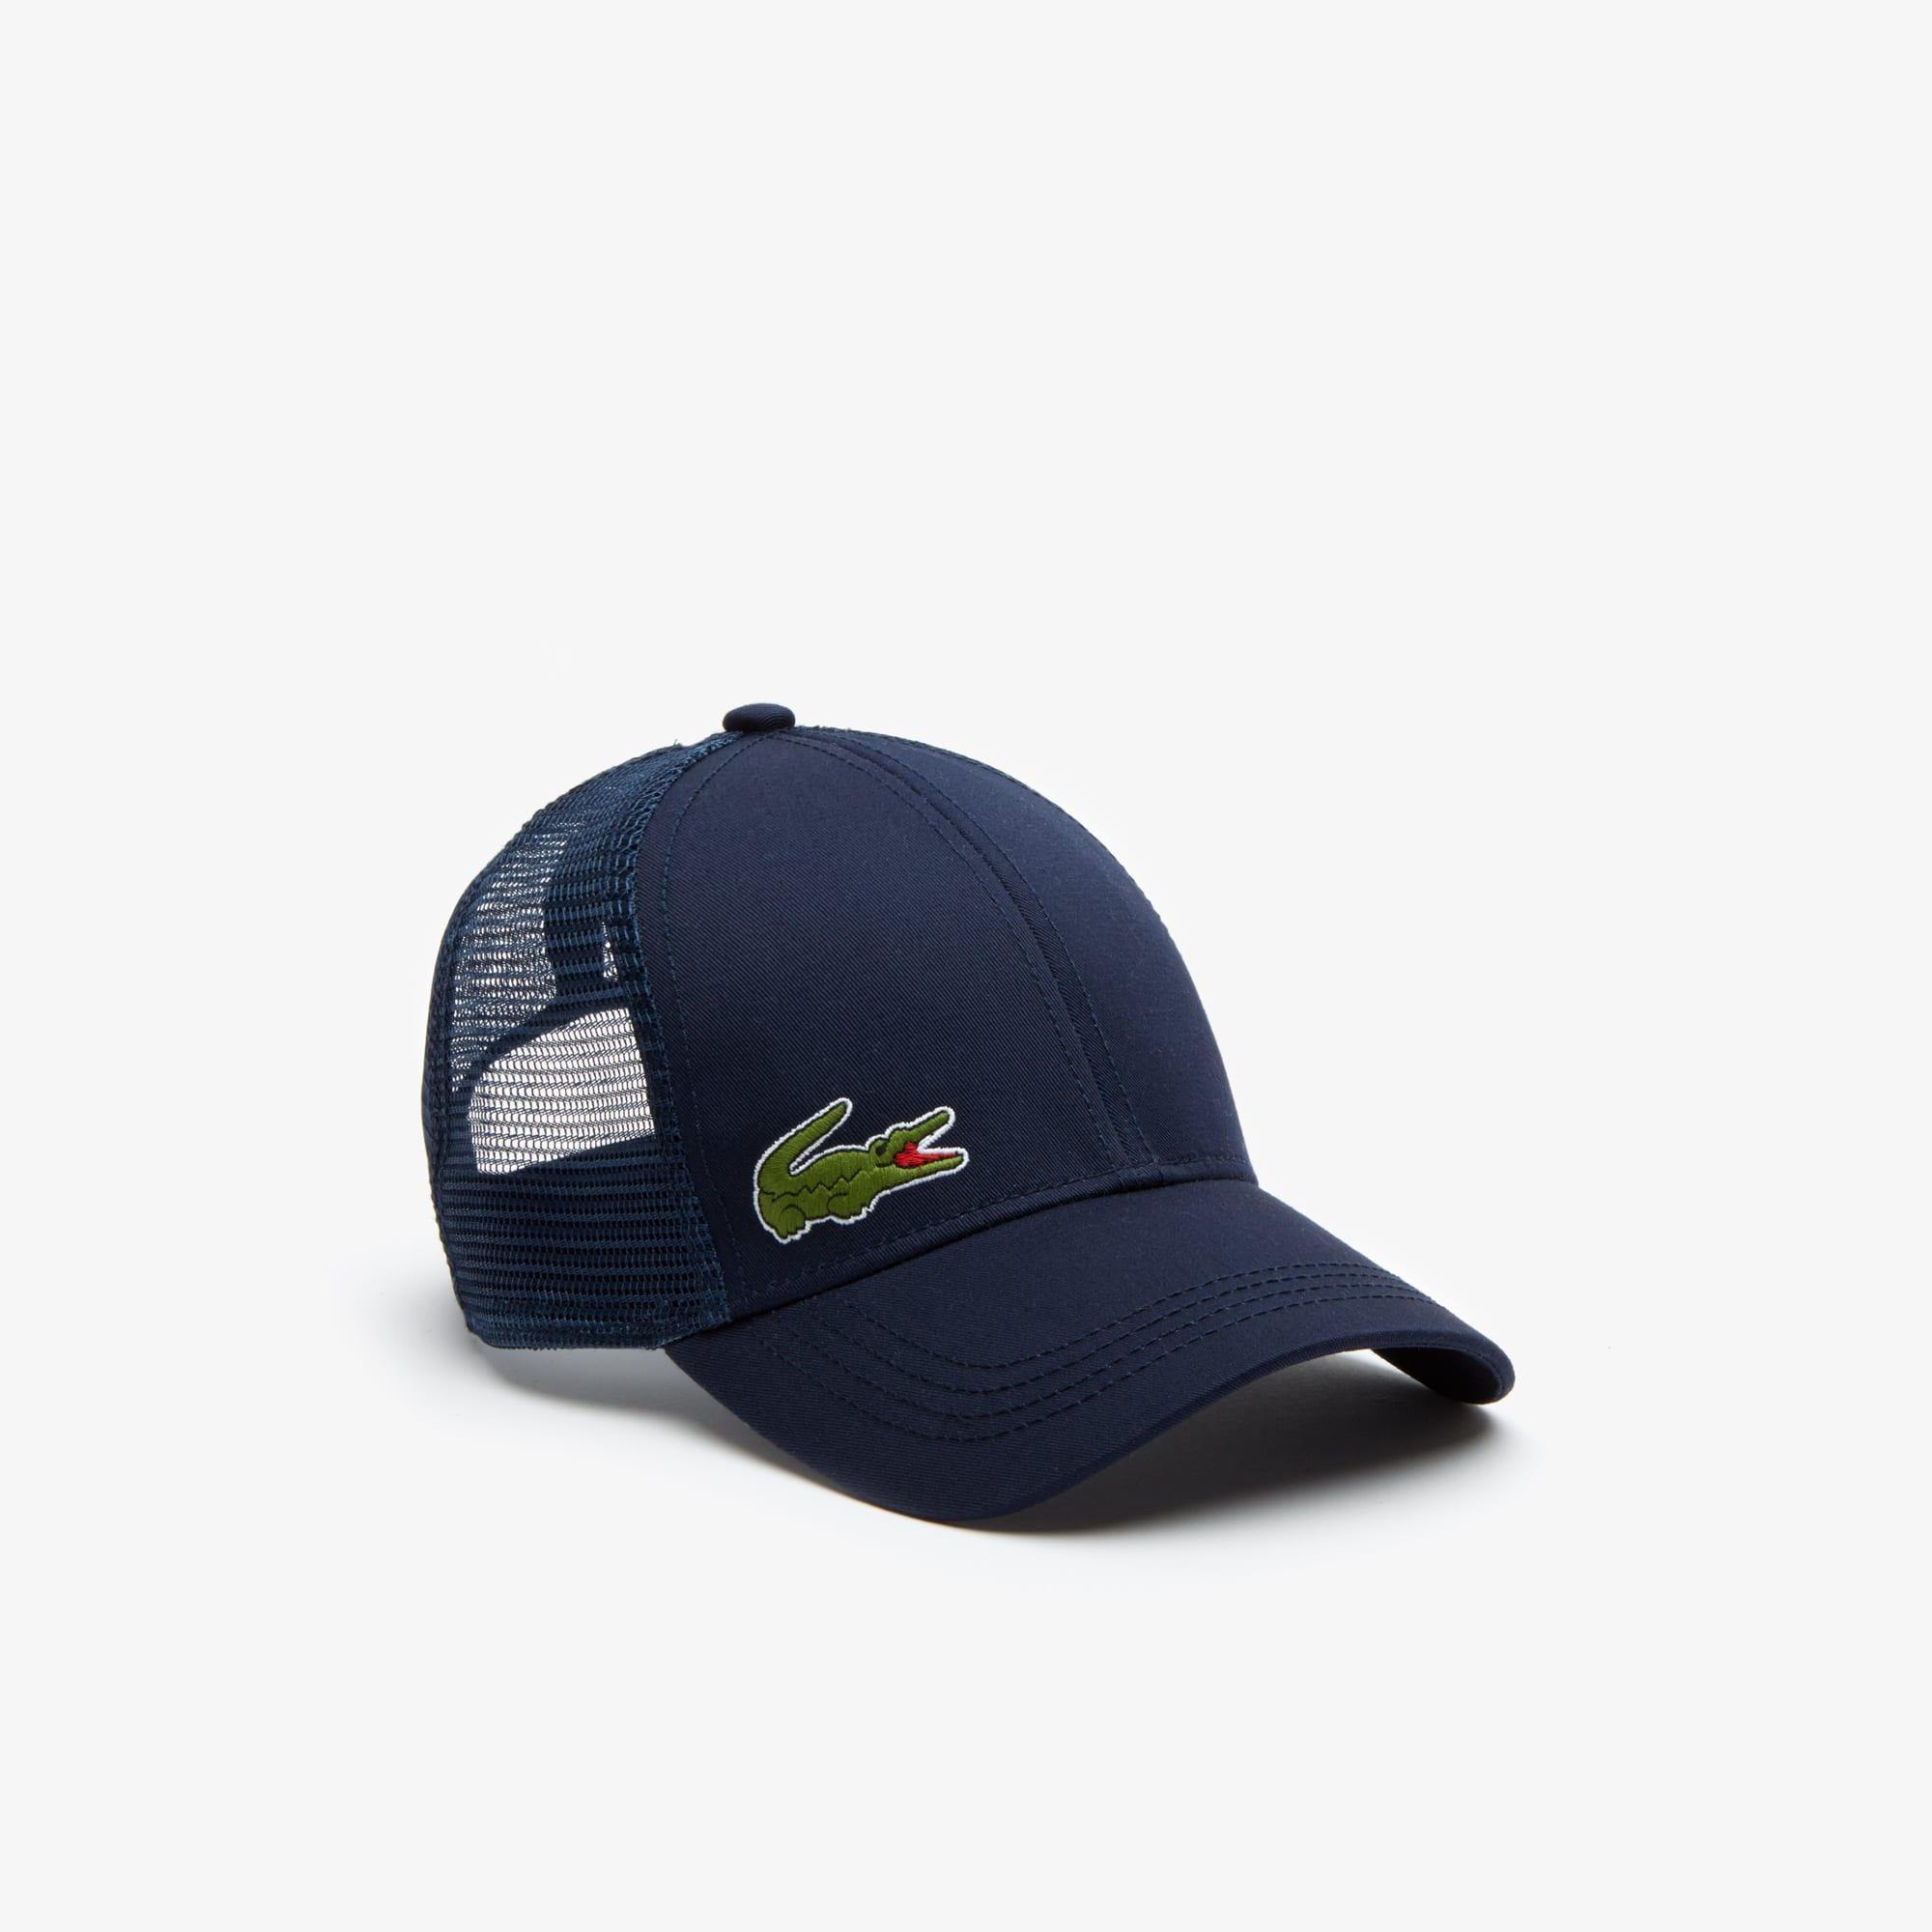 814026a97 Men s Caps   Hats